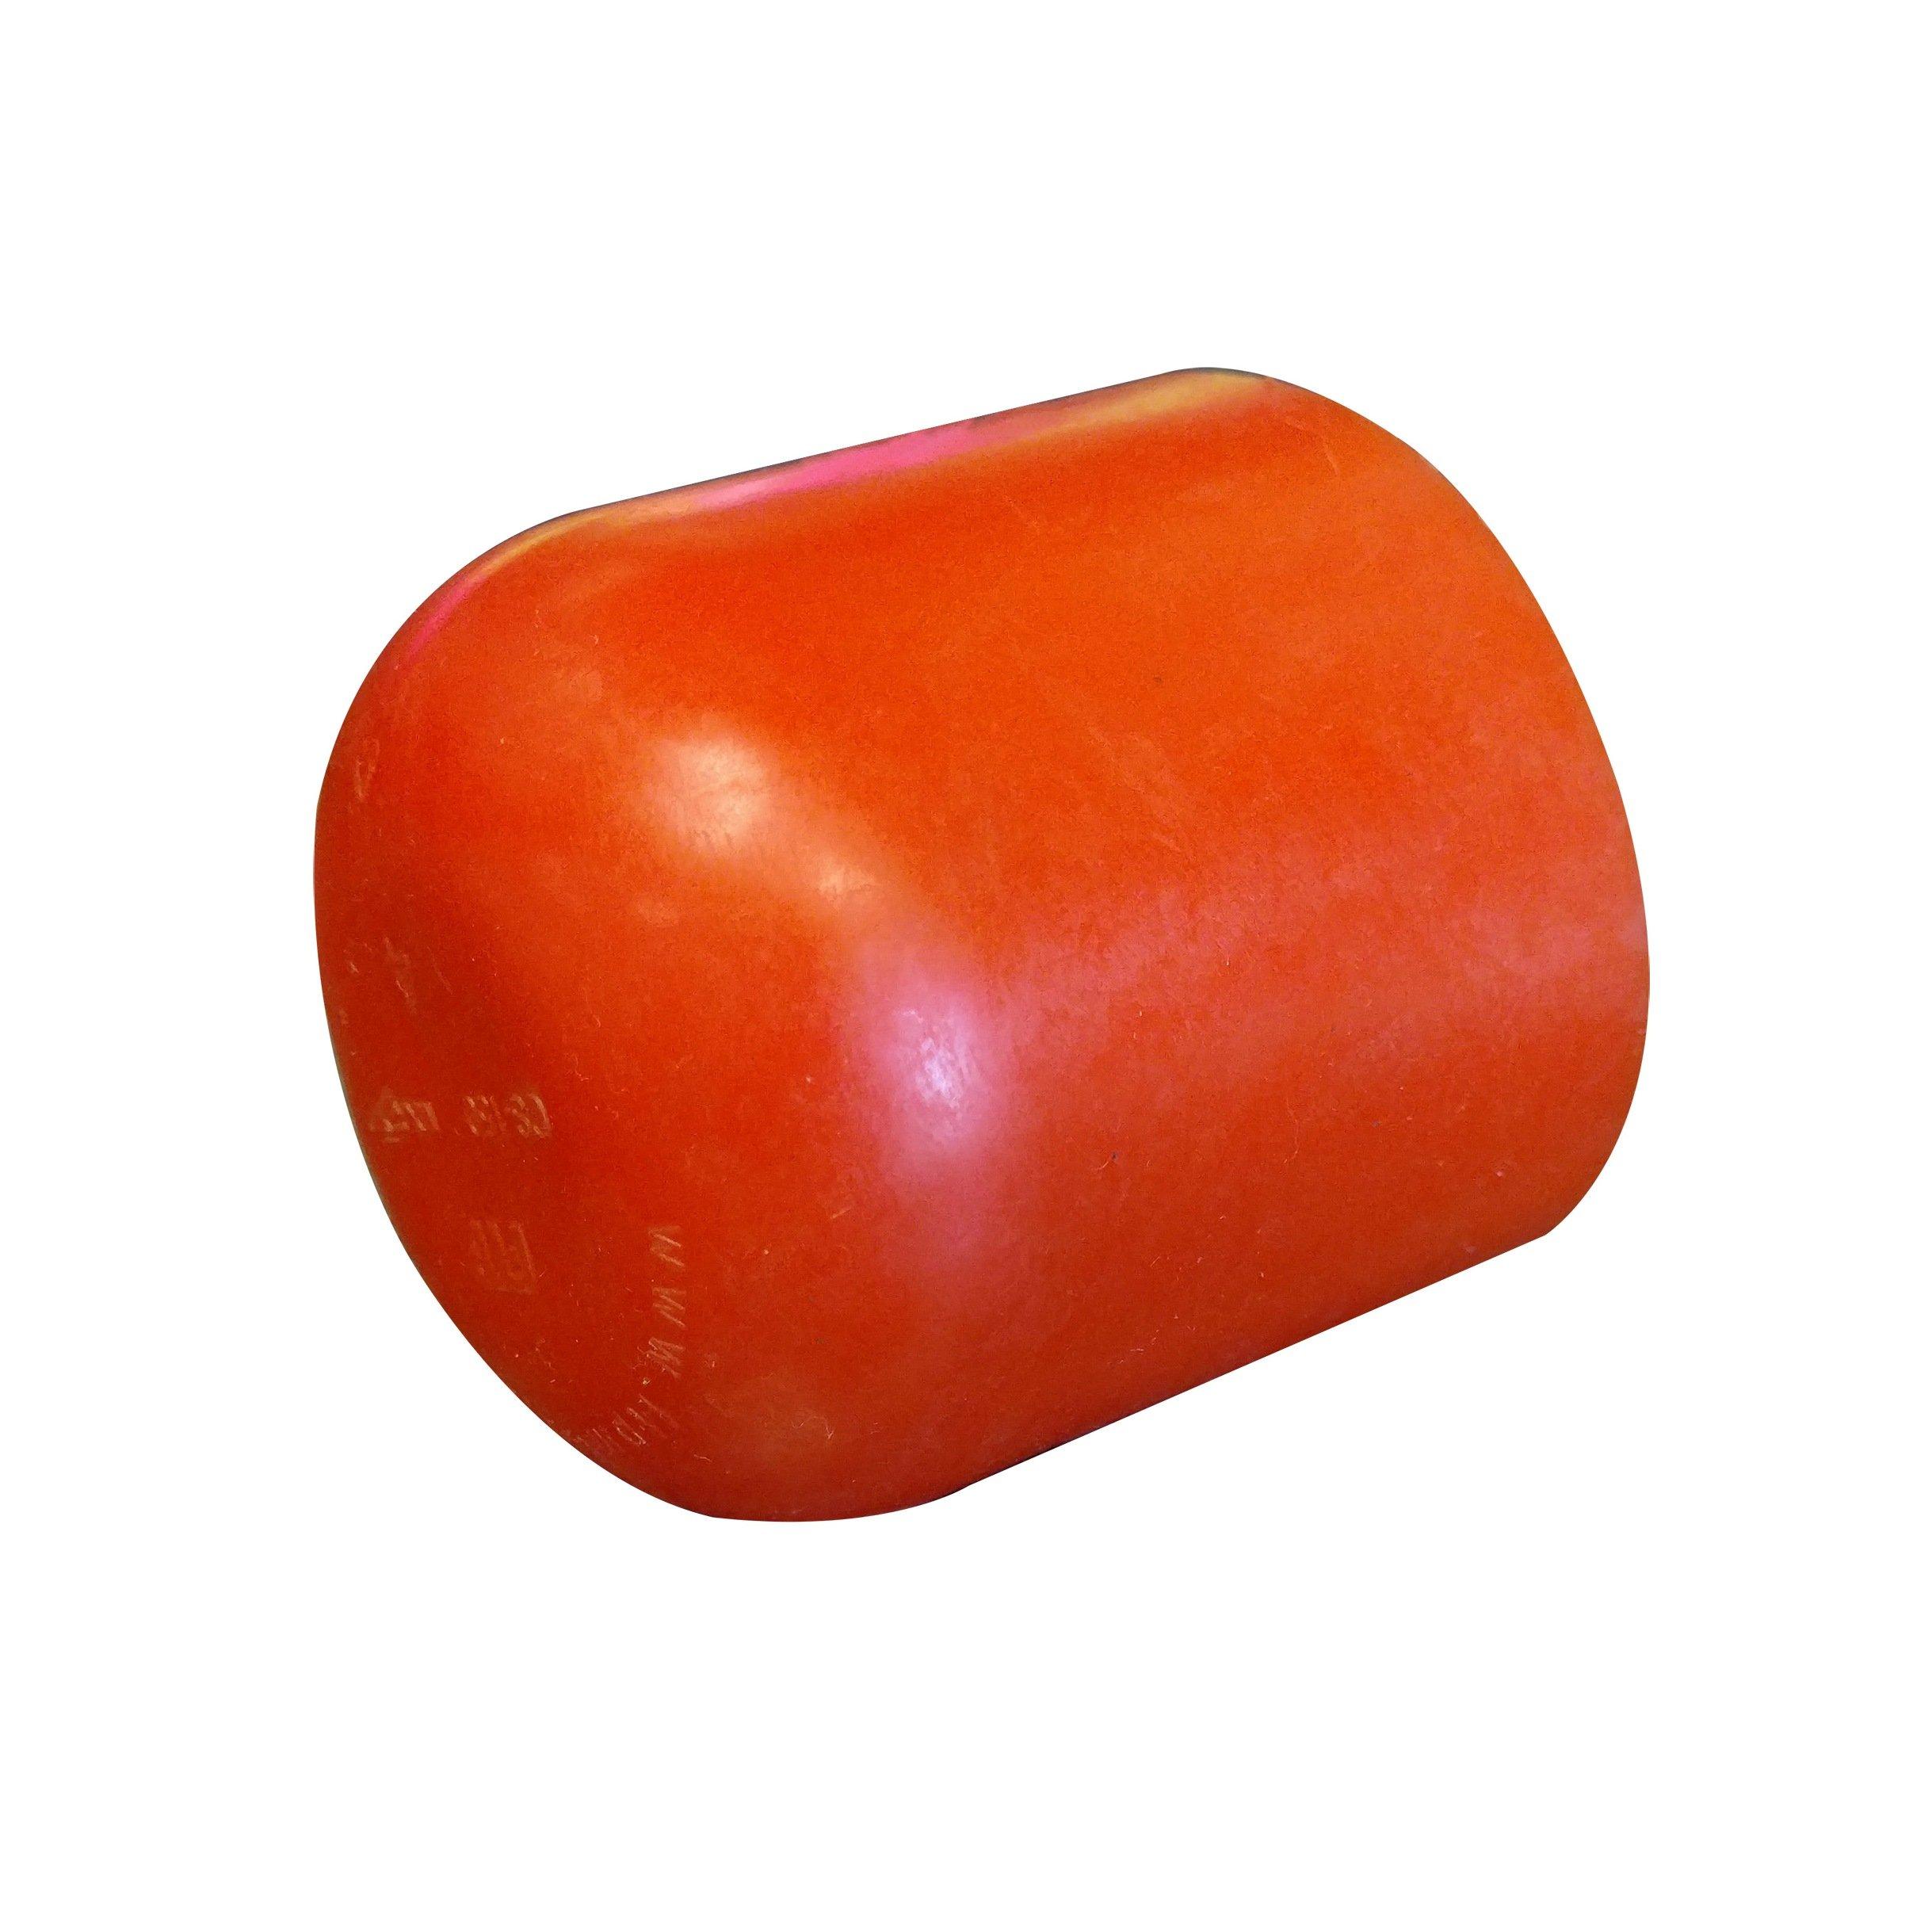 Rebar/Rerod Orange Safety/Scratch/Stake Cap #8, #9, #10, #11 Bar - 200 Ct.